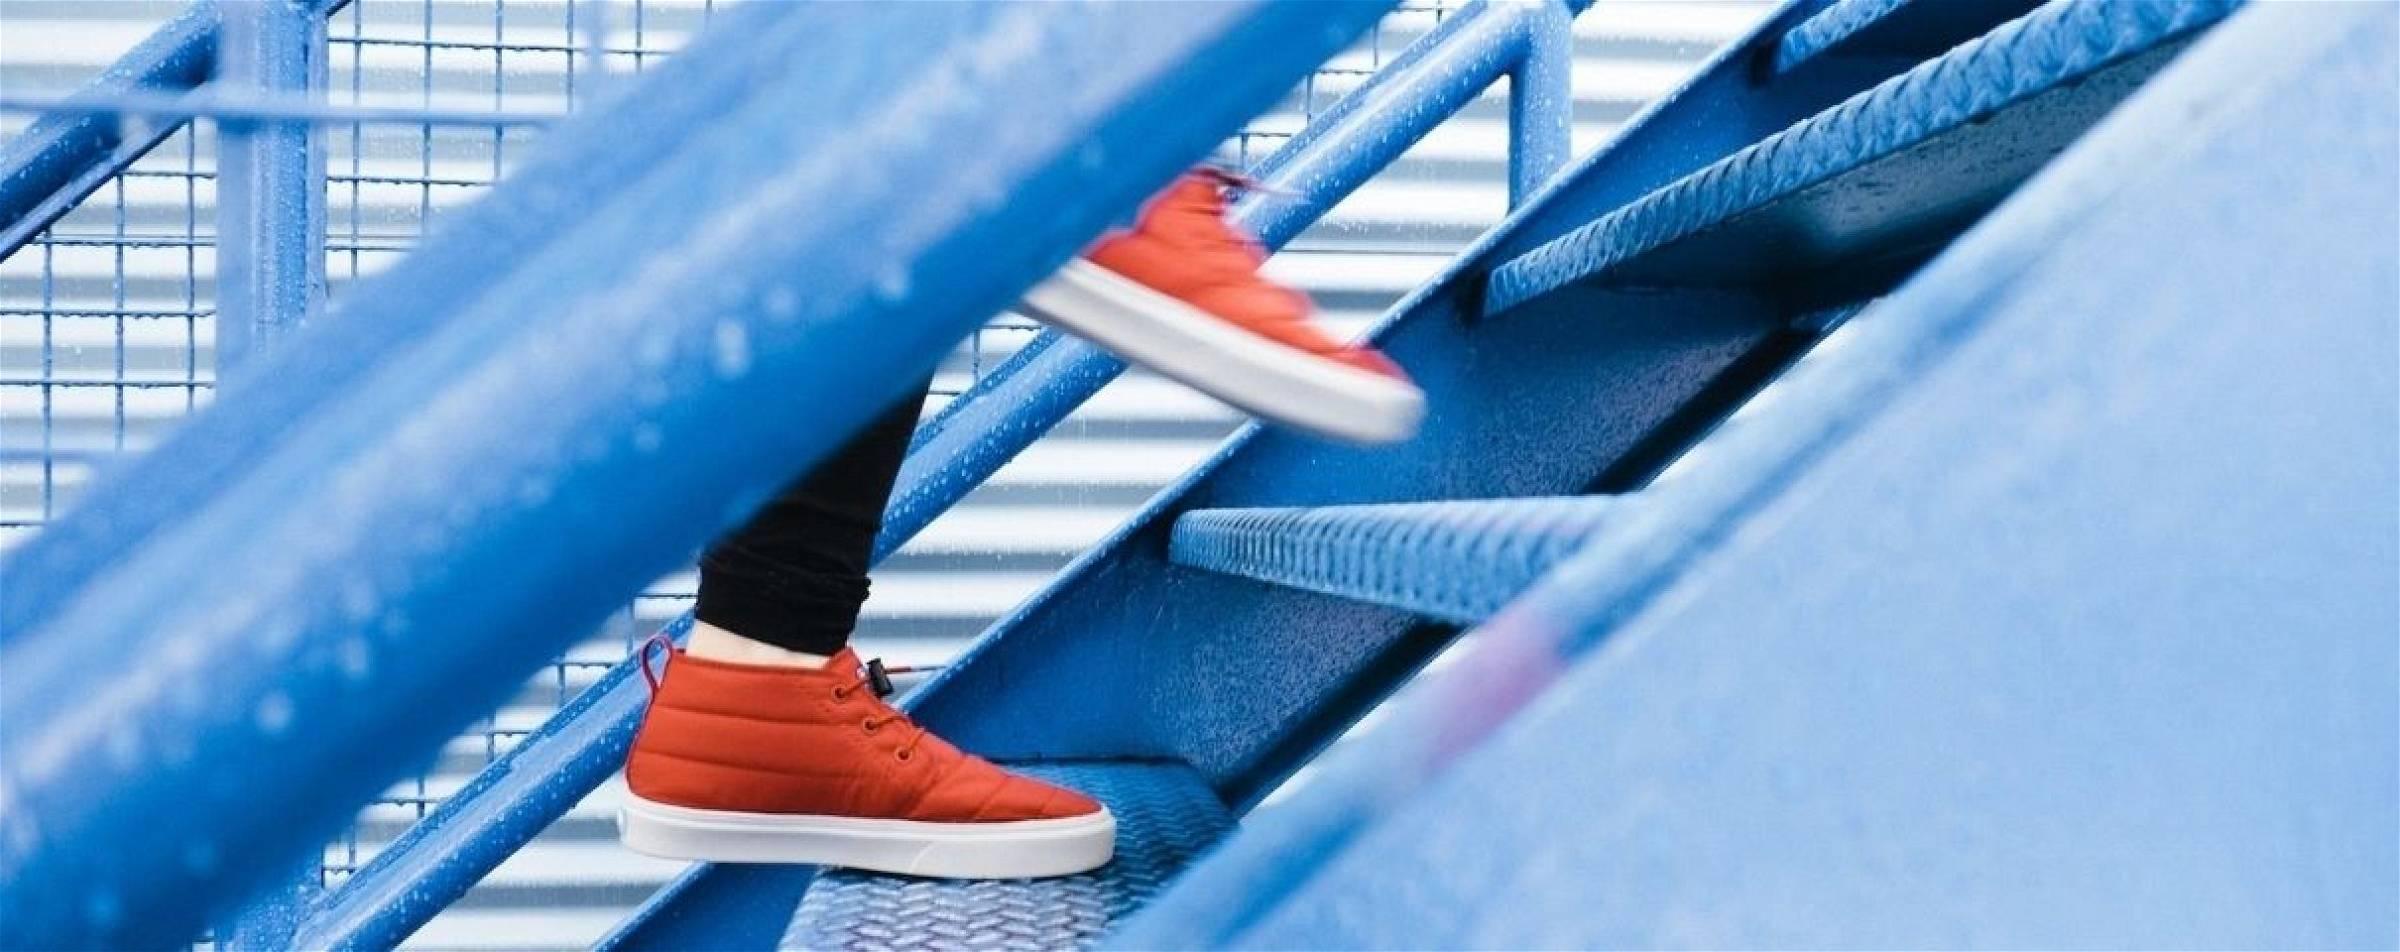 Met een stappenteller kan je alle stappen tellen tijdens het wandelen en traplopen